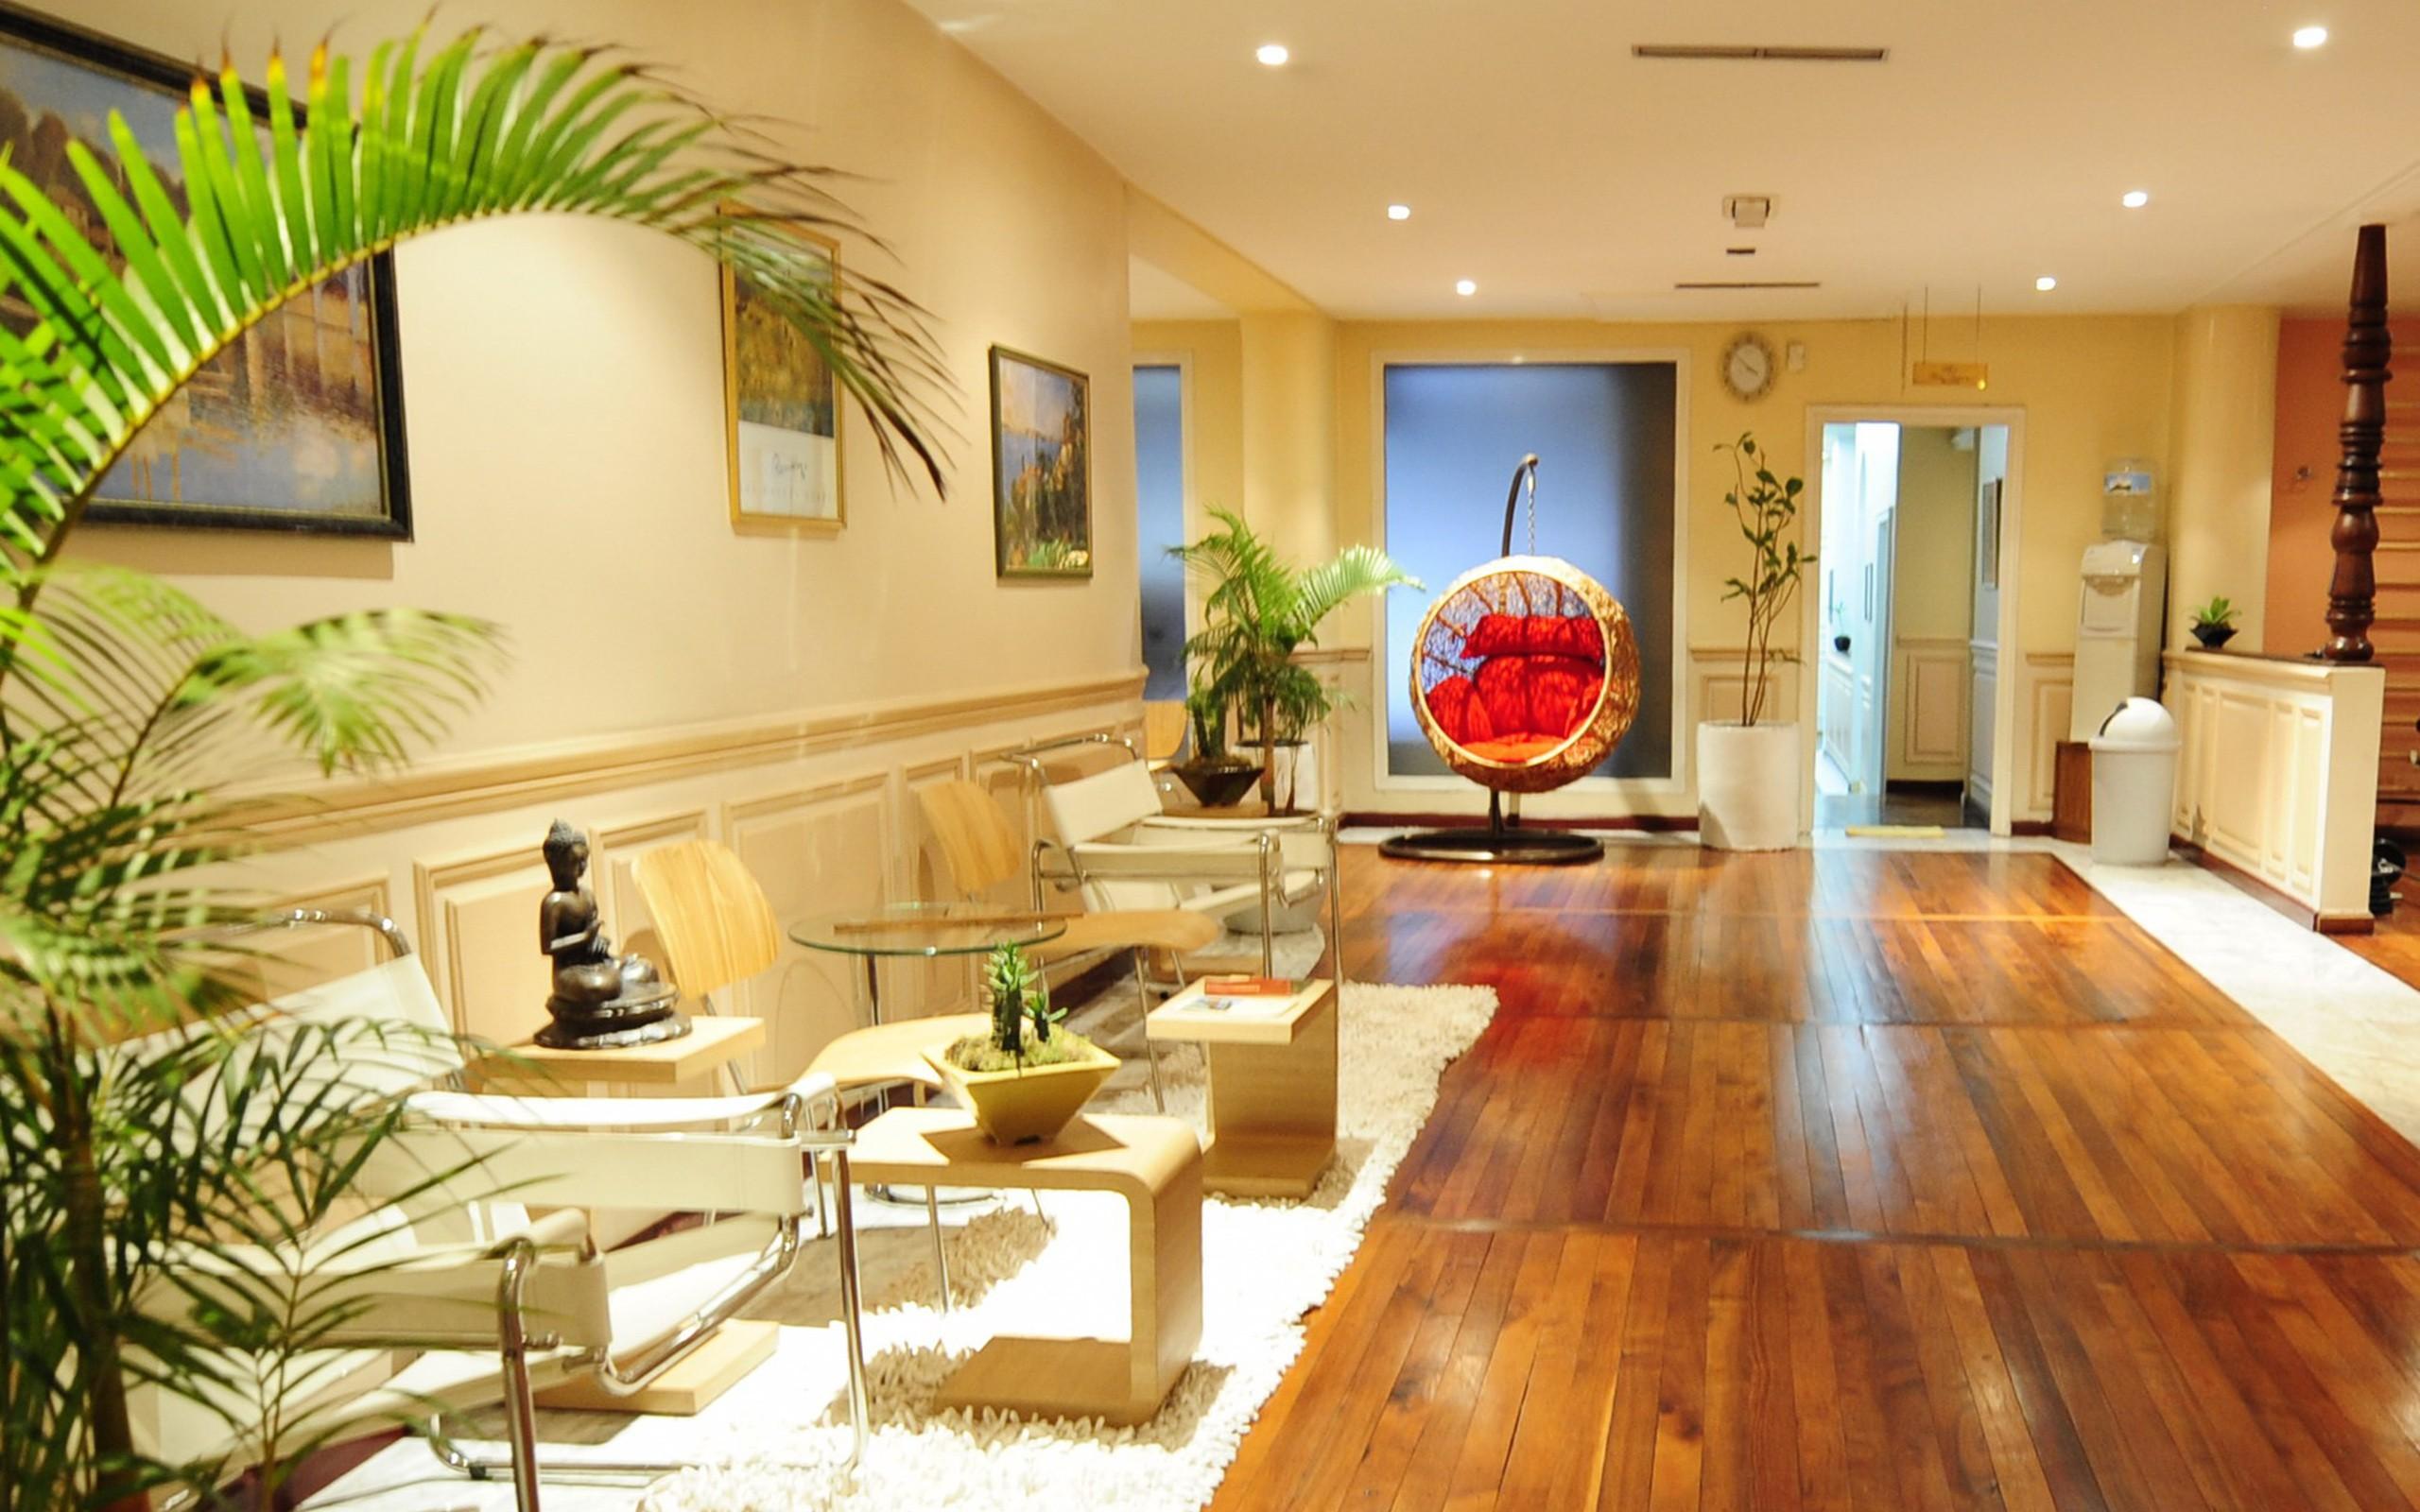 Sala es espera de hotel - 2560x1600